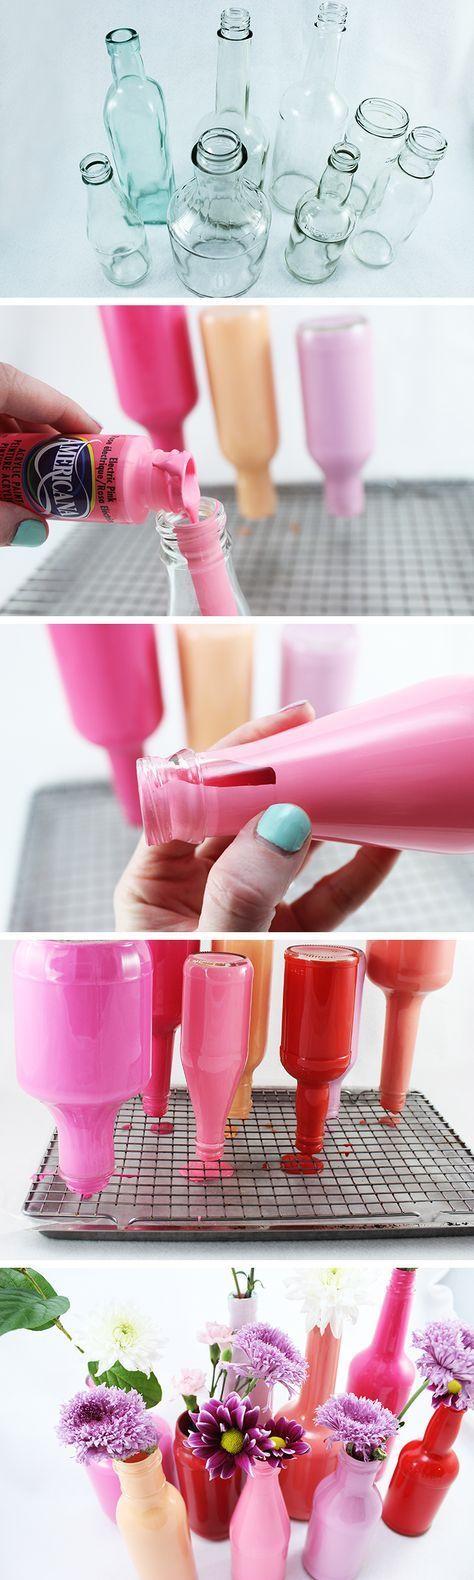 So werden leere Essigflaschen zu neuen Vasen.